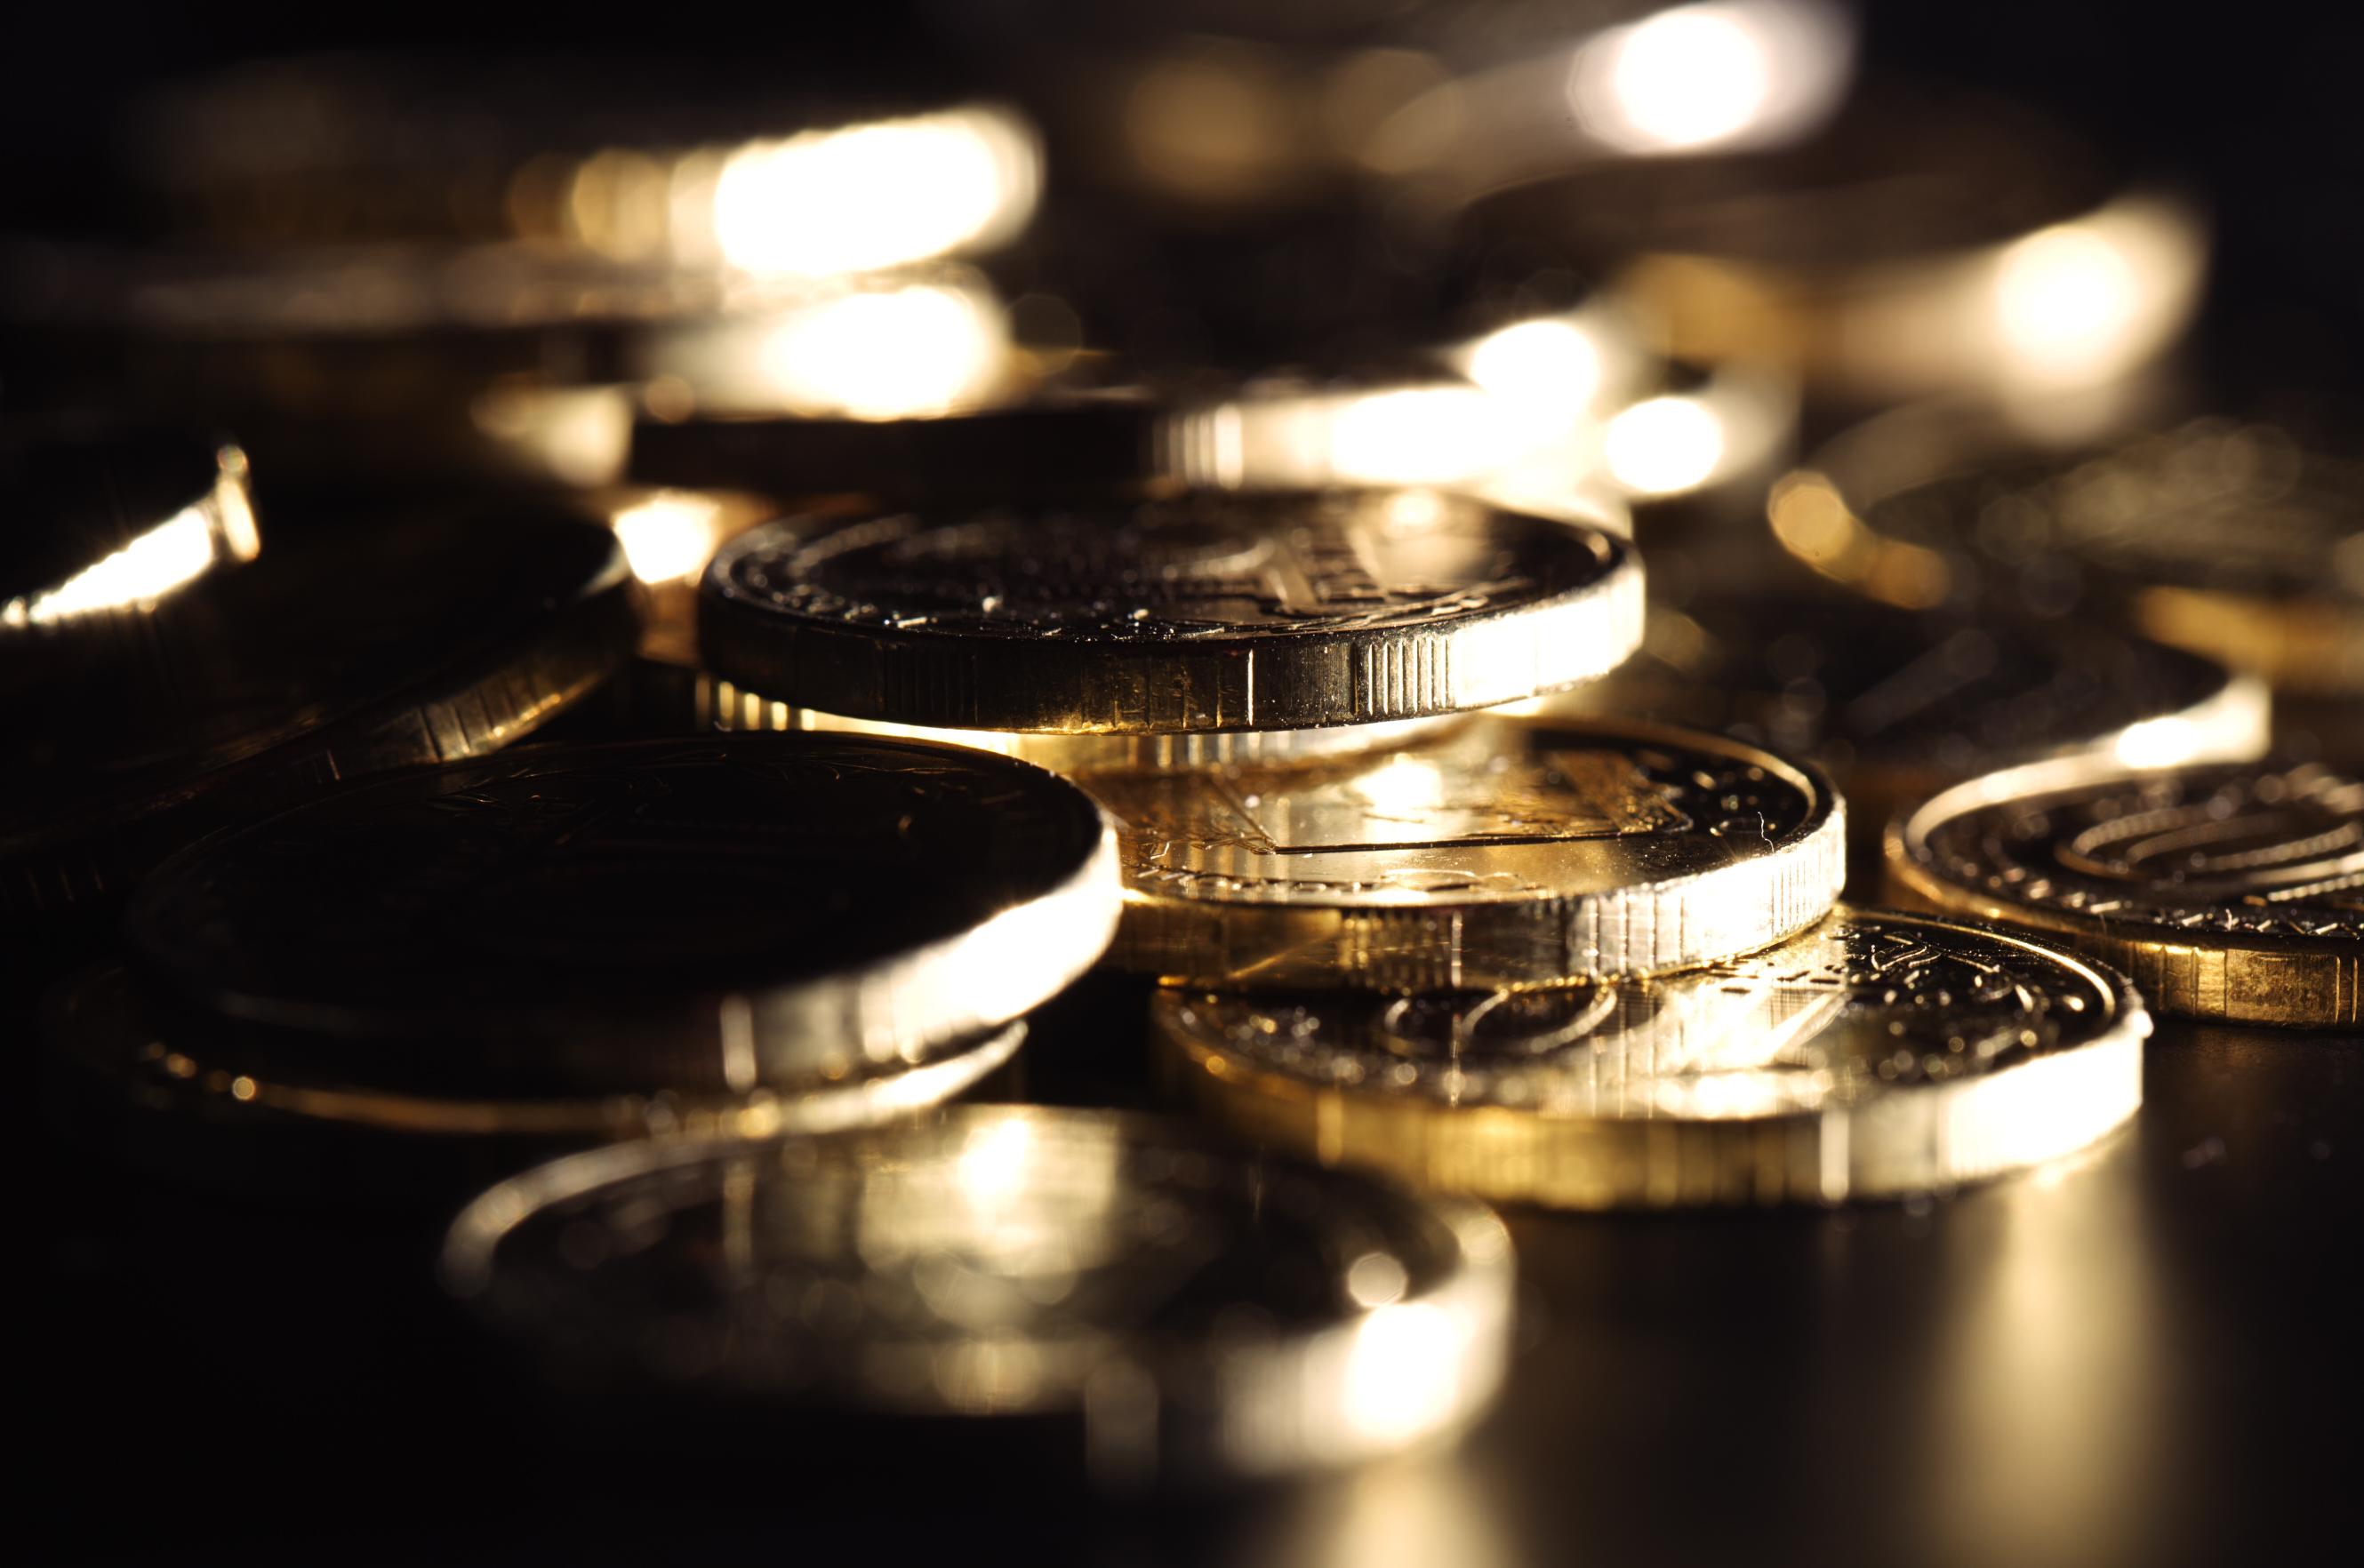 acheter  acheter Est-ce le meilleur moment pour acheter l'or ? DM 03242016 0289